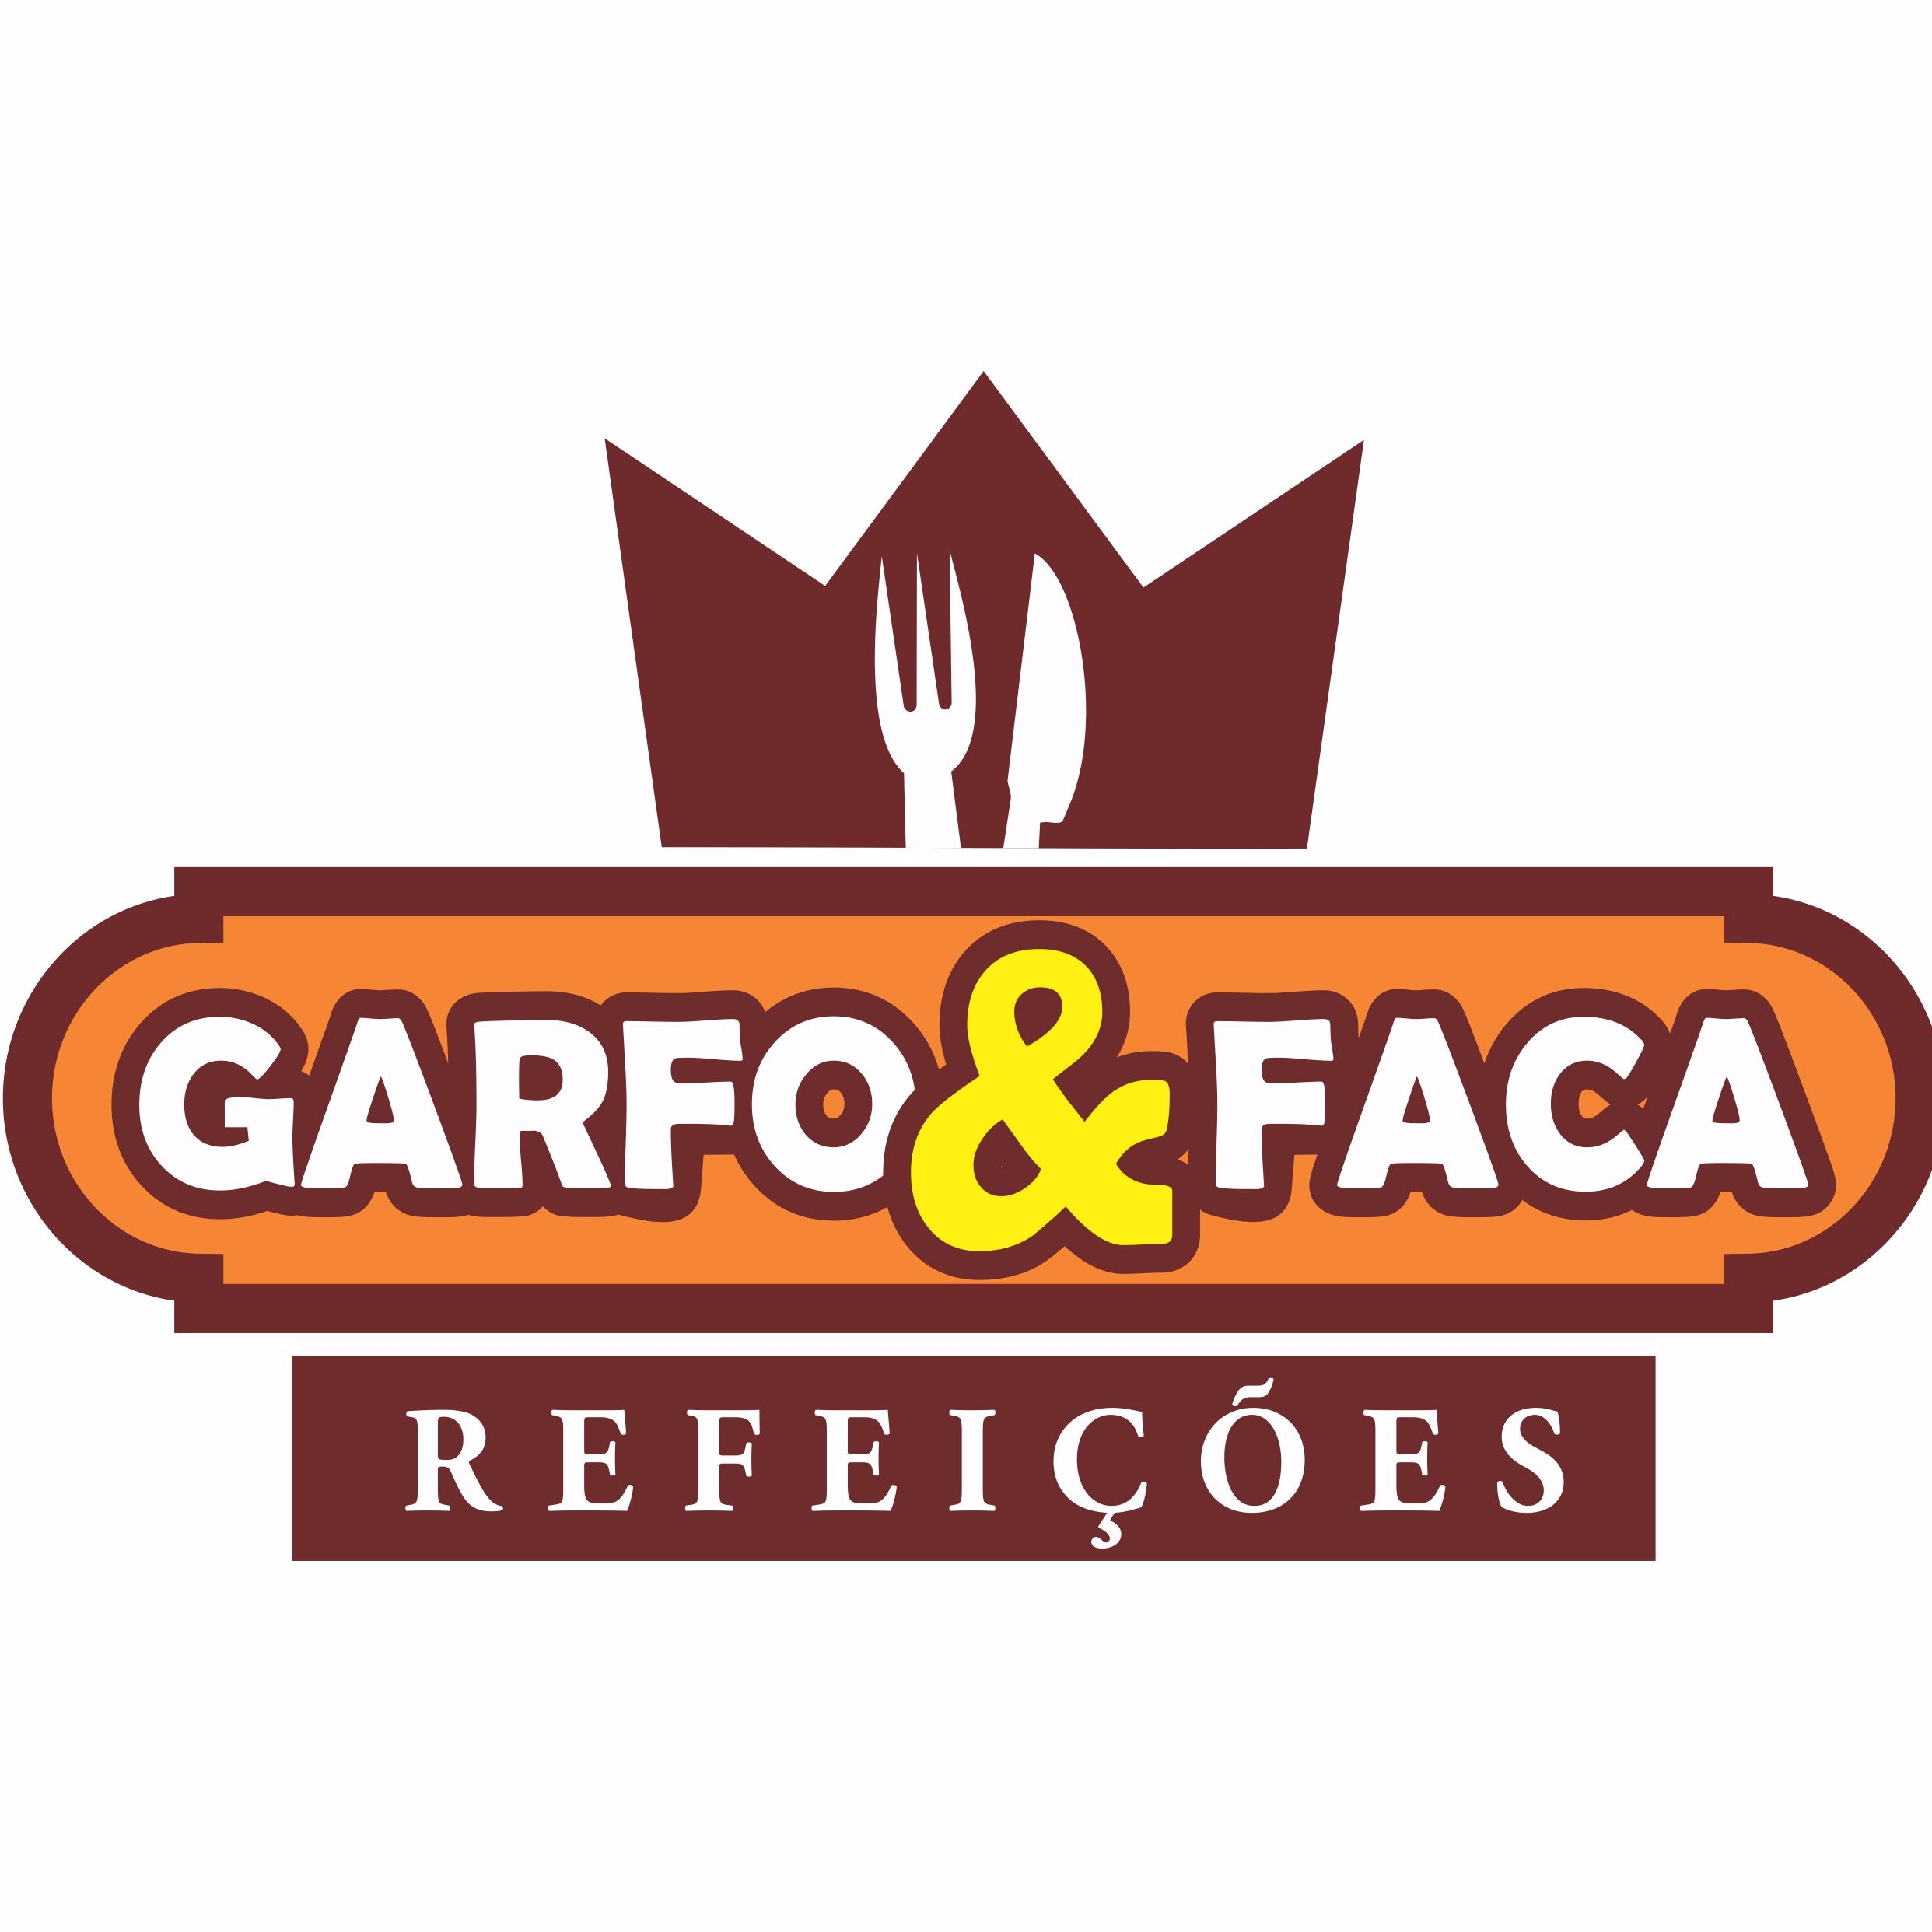 Delivery Garfo & Faca Refeições